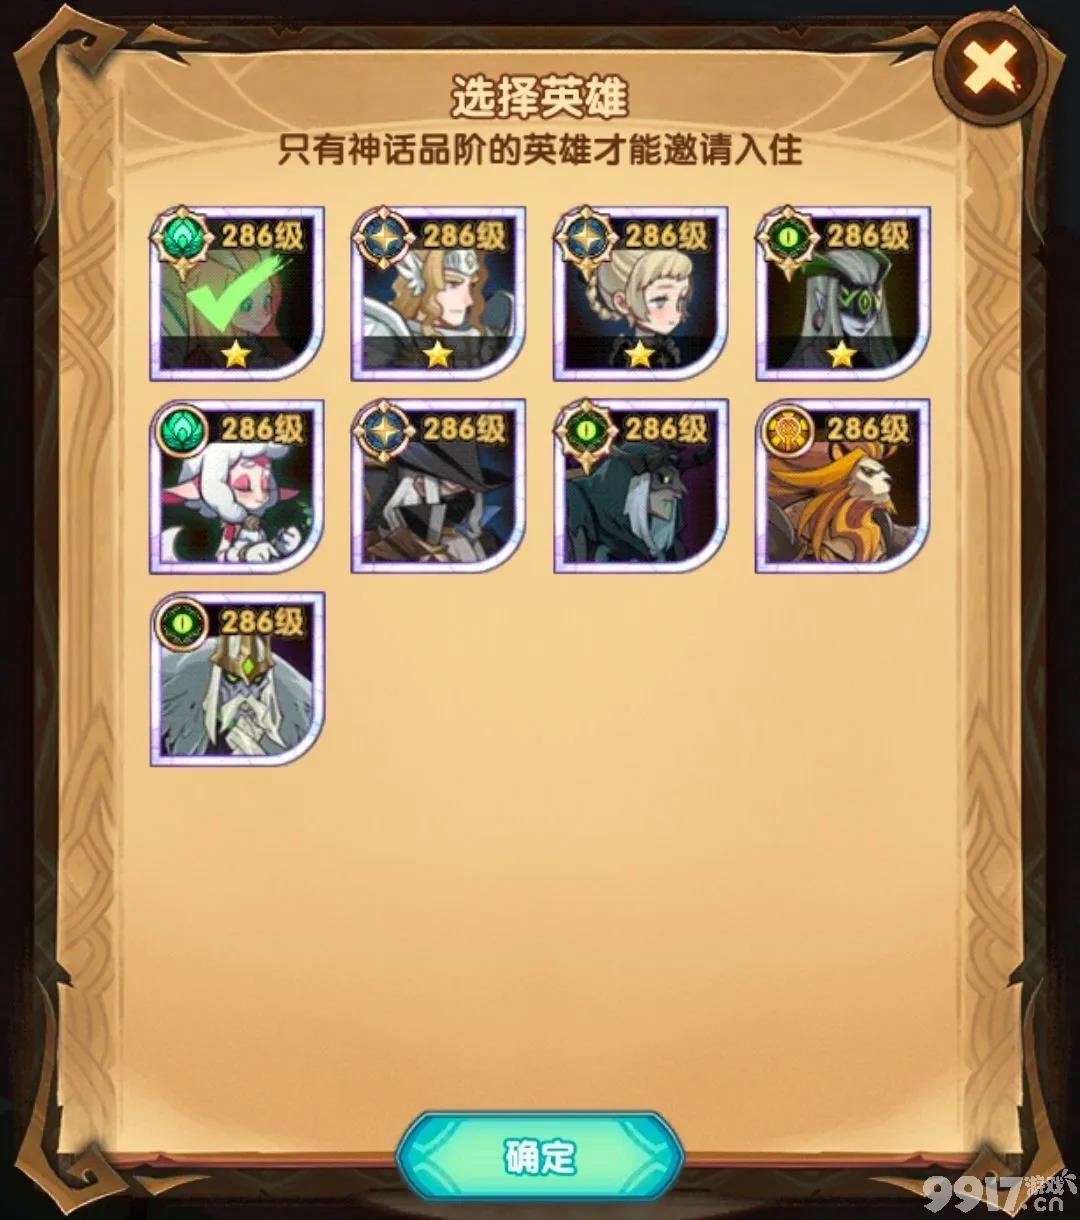 《剑与远征》全新「异界旅店」正式上线!解锁房间入驻神话品质英雄